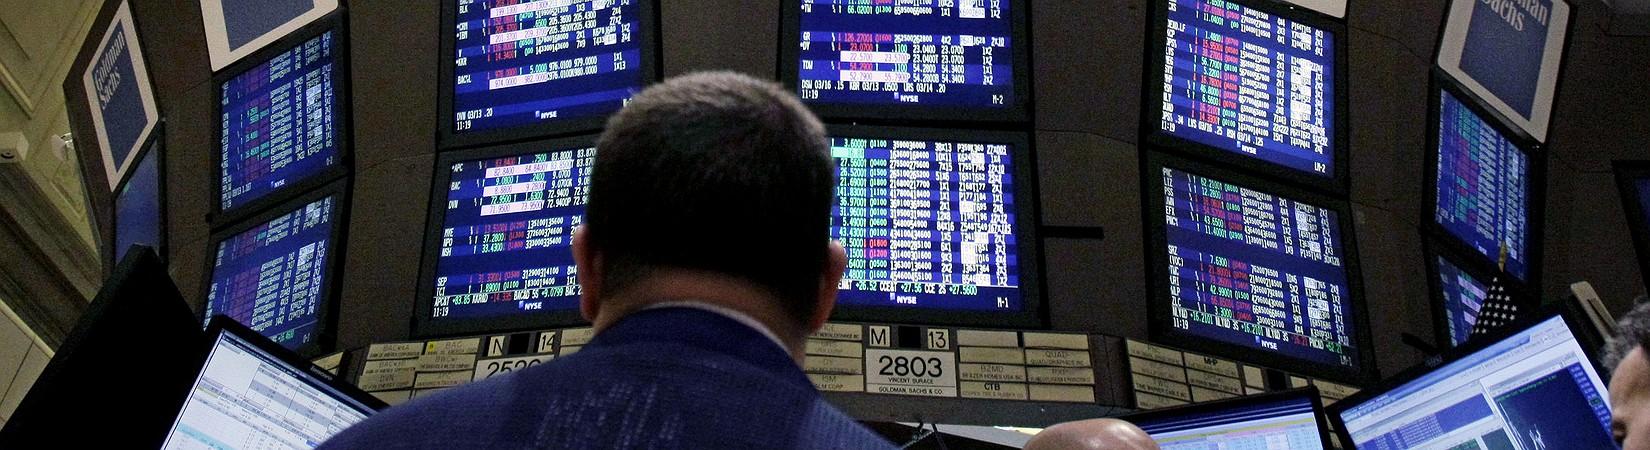 Goldman Sachs misses earnings on dip in trading revenue, shares slide